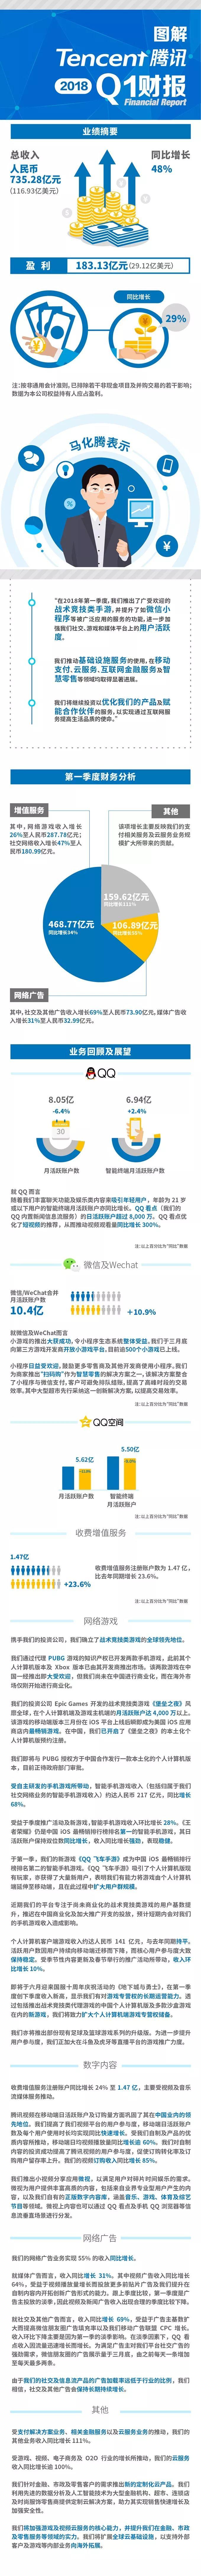 图解腾讯Q1财报:总收入735.28亿元 同增48%